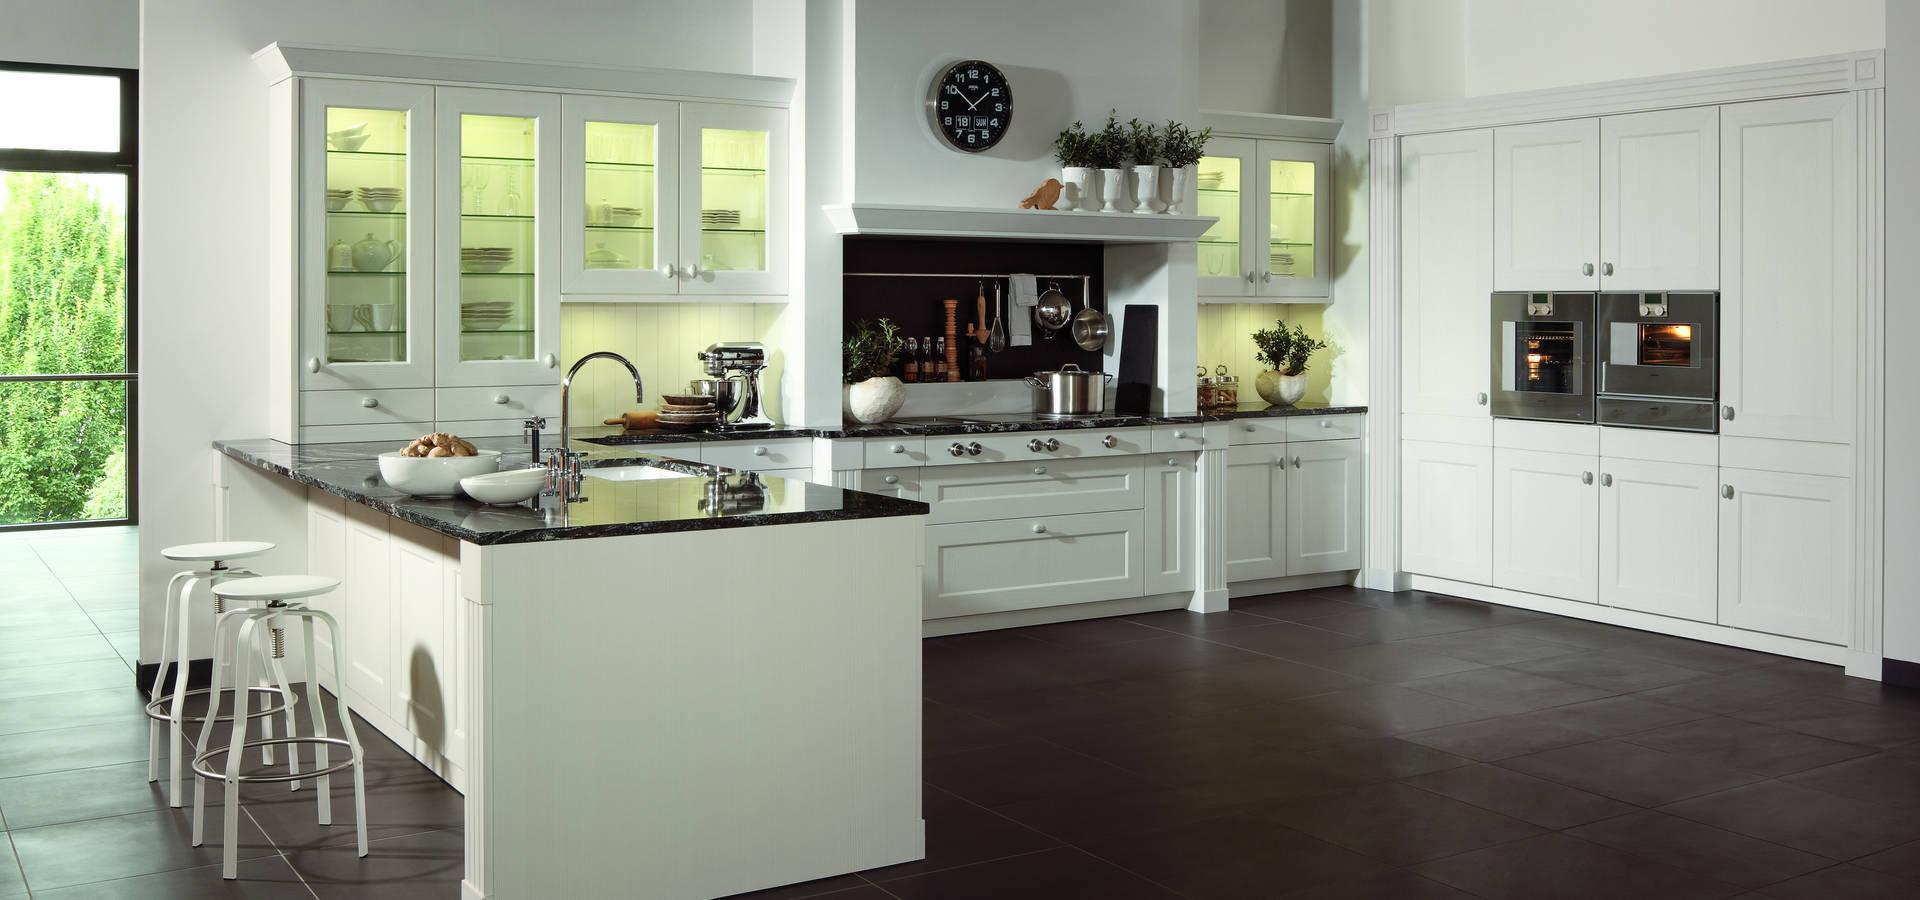 Bemerkenswert Landhausküche Dekoration Von